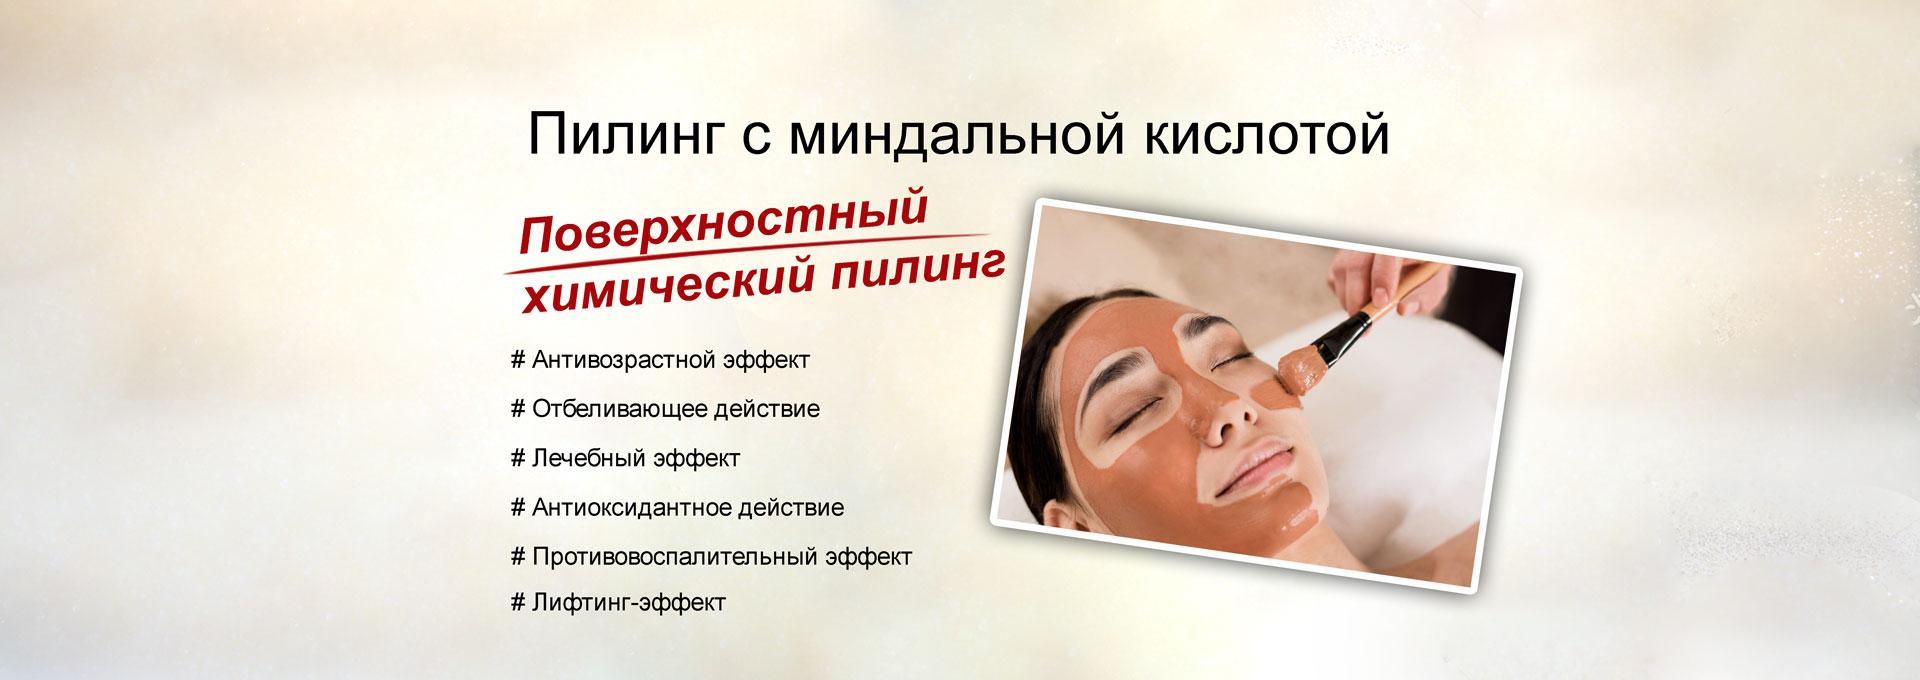 Миндальный пилинг, миндальный пилинг для лица, поверхностный пилинг, поверхностный пилинг лица, фруктовые кислоты, маска с фруктовыми кислотами, пигментные пятна, пигментные пятна на лице, удаление пигментных пятен, пигментные пятна на лице как избавиться, как убрать пигментные пятна, удаление пигментных пятен на лице, отбеливающий пигментные пятна, как избавиться от пигментных пятен, против пигментных пятен, очищение кожи, очищение кожи лица, омоложение кожи, ретинол, ретинола ацетат, ретинол для лица, лифтинг эффект, омоложение, омоложение лица, омоложение алматы, омоложение кожи, омоложение лица в алматы, омоложение лица в алматы, подтяжка лица, алматы подтяжка лица, подтяжка кожи лица, подтяжка лица цена, проблемная кожа, проблемная кожа лица, жирная проблемная кожа, уход за проблемной кожей